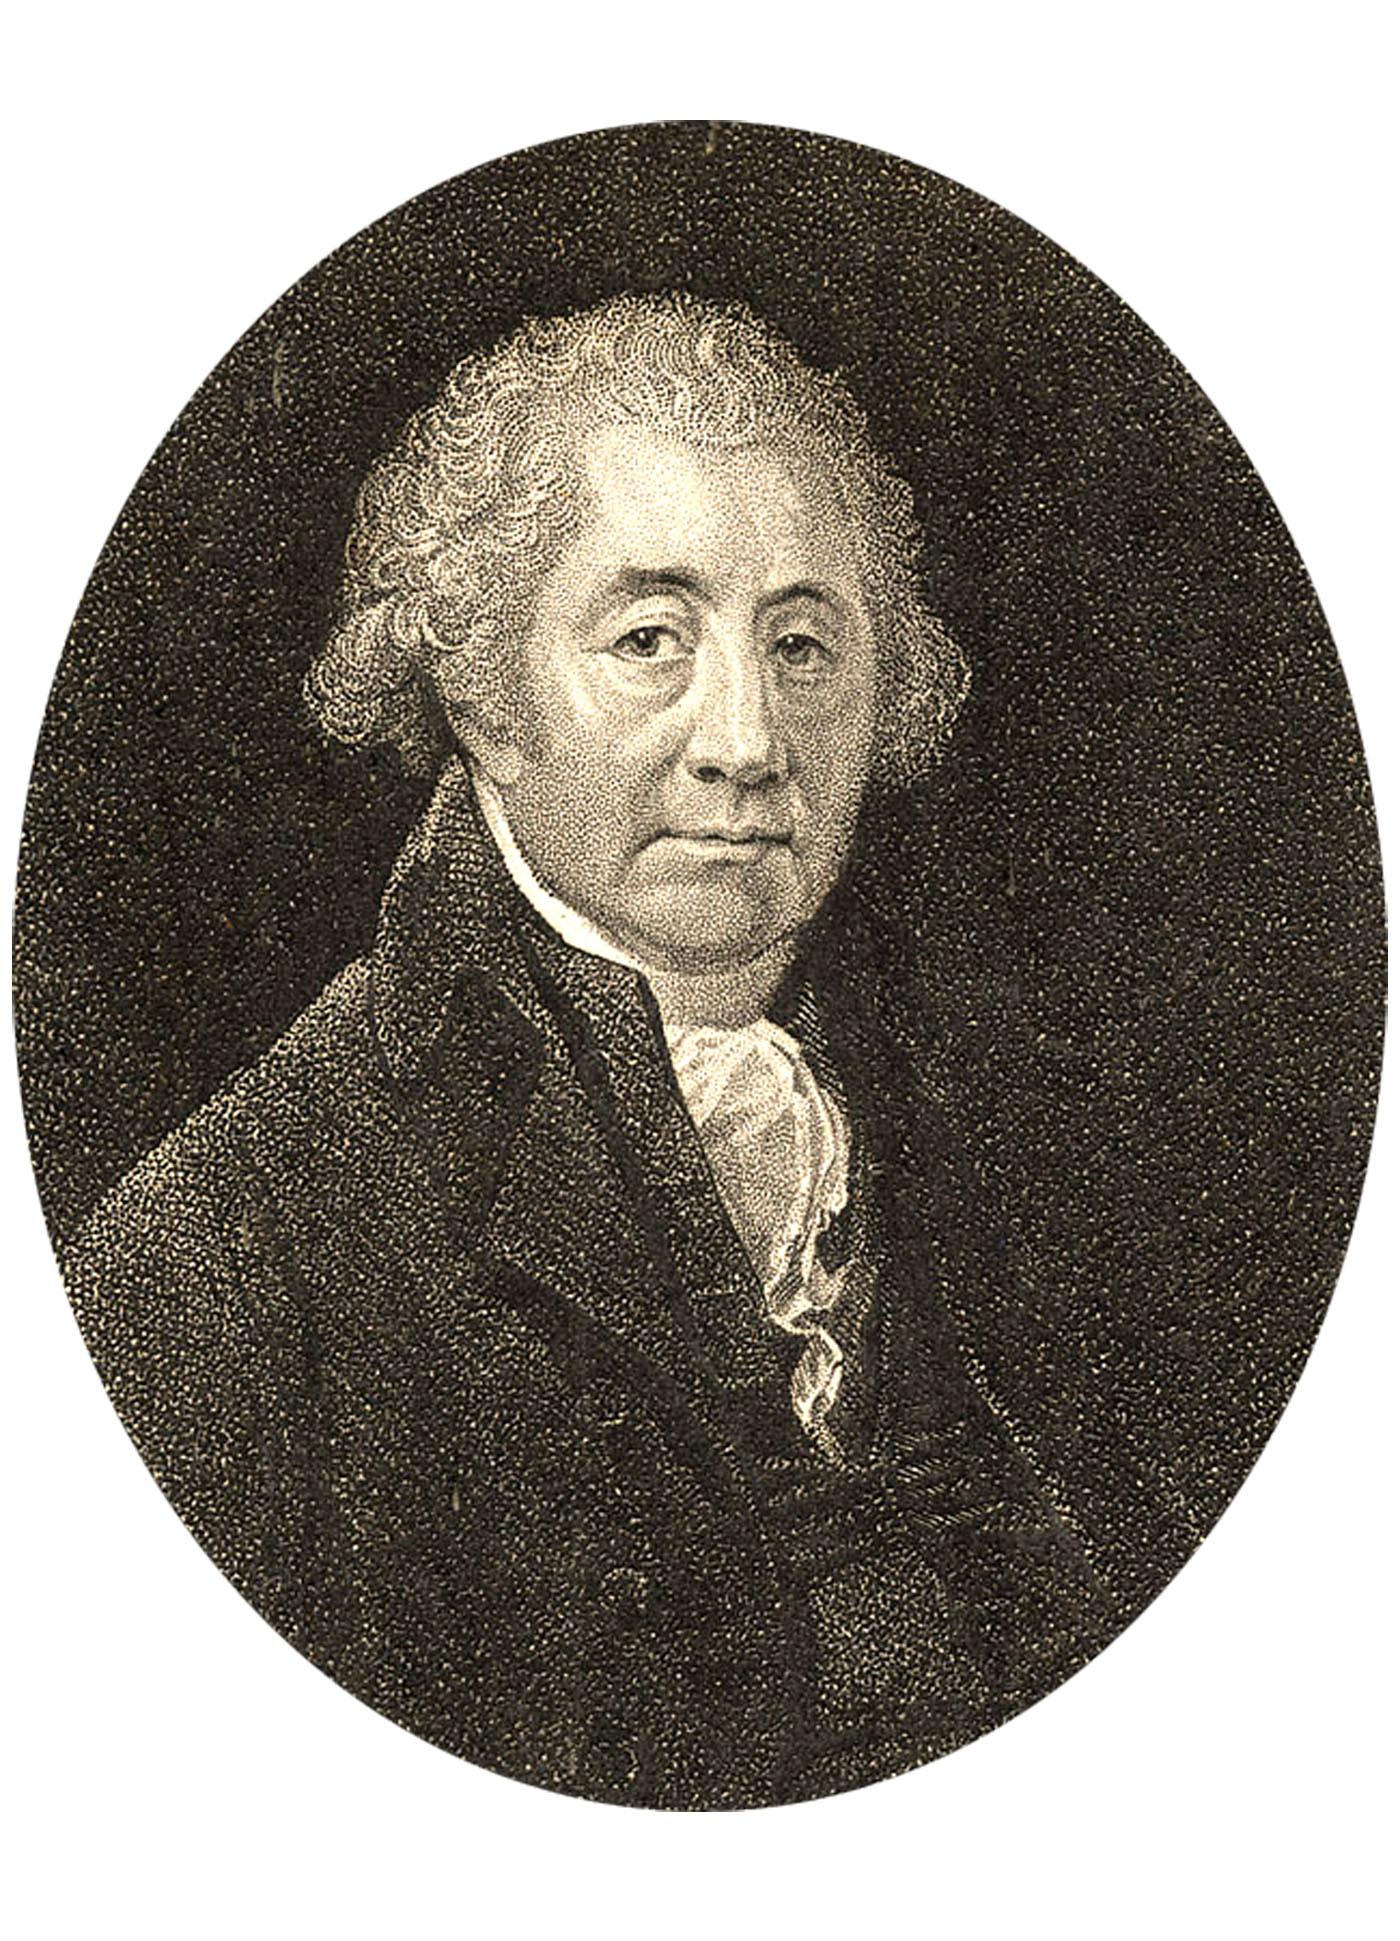 M Boulton